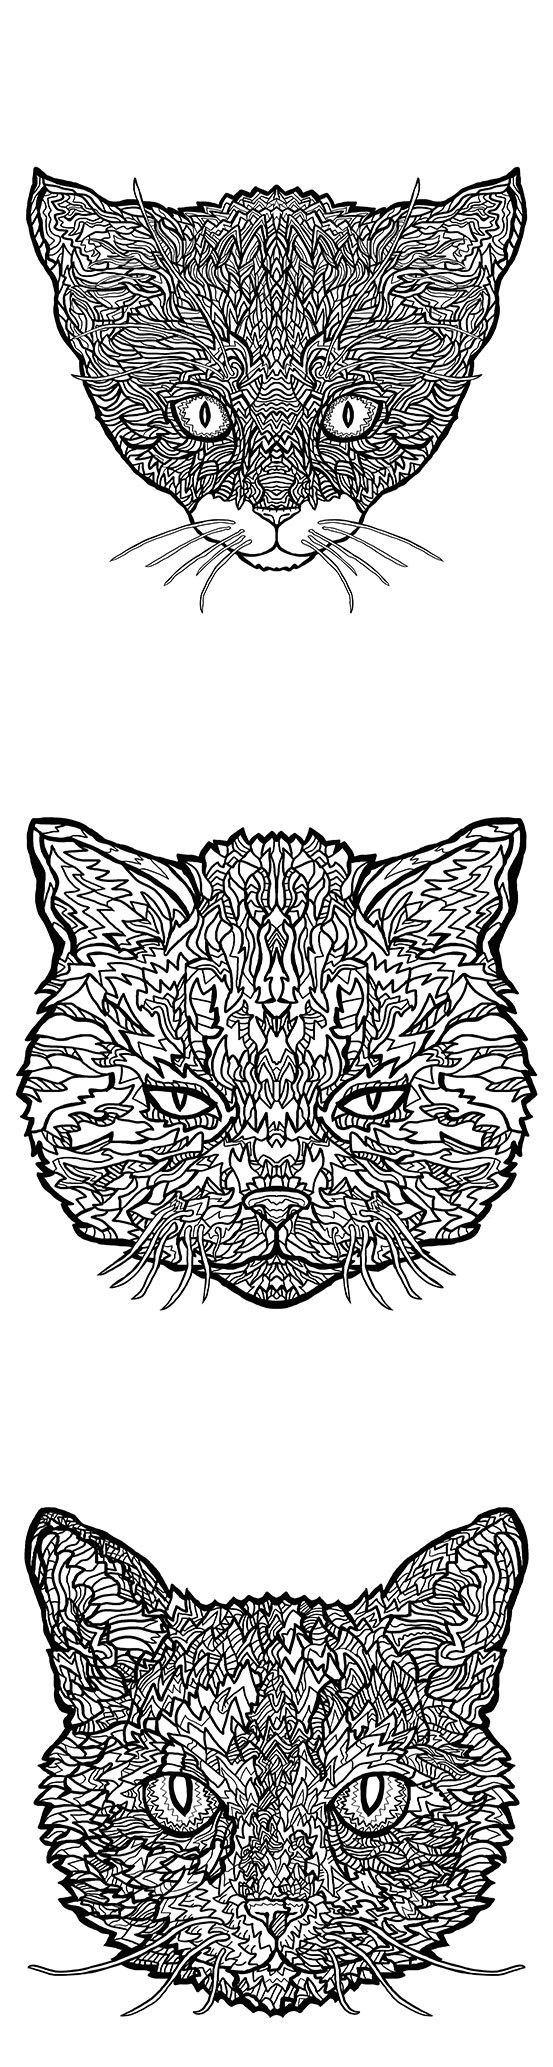 Tuxedo Cat coloring #20, Download drawings